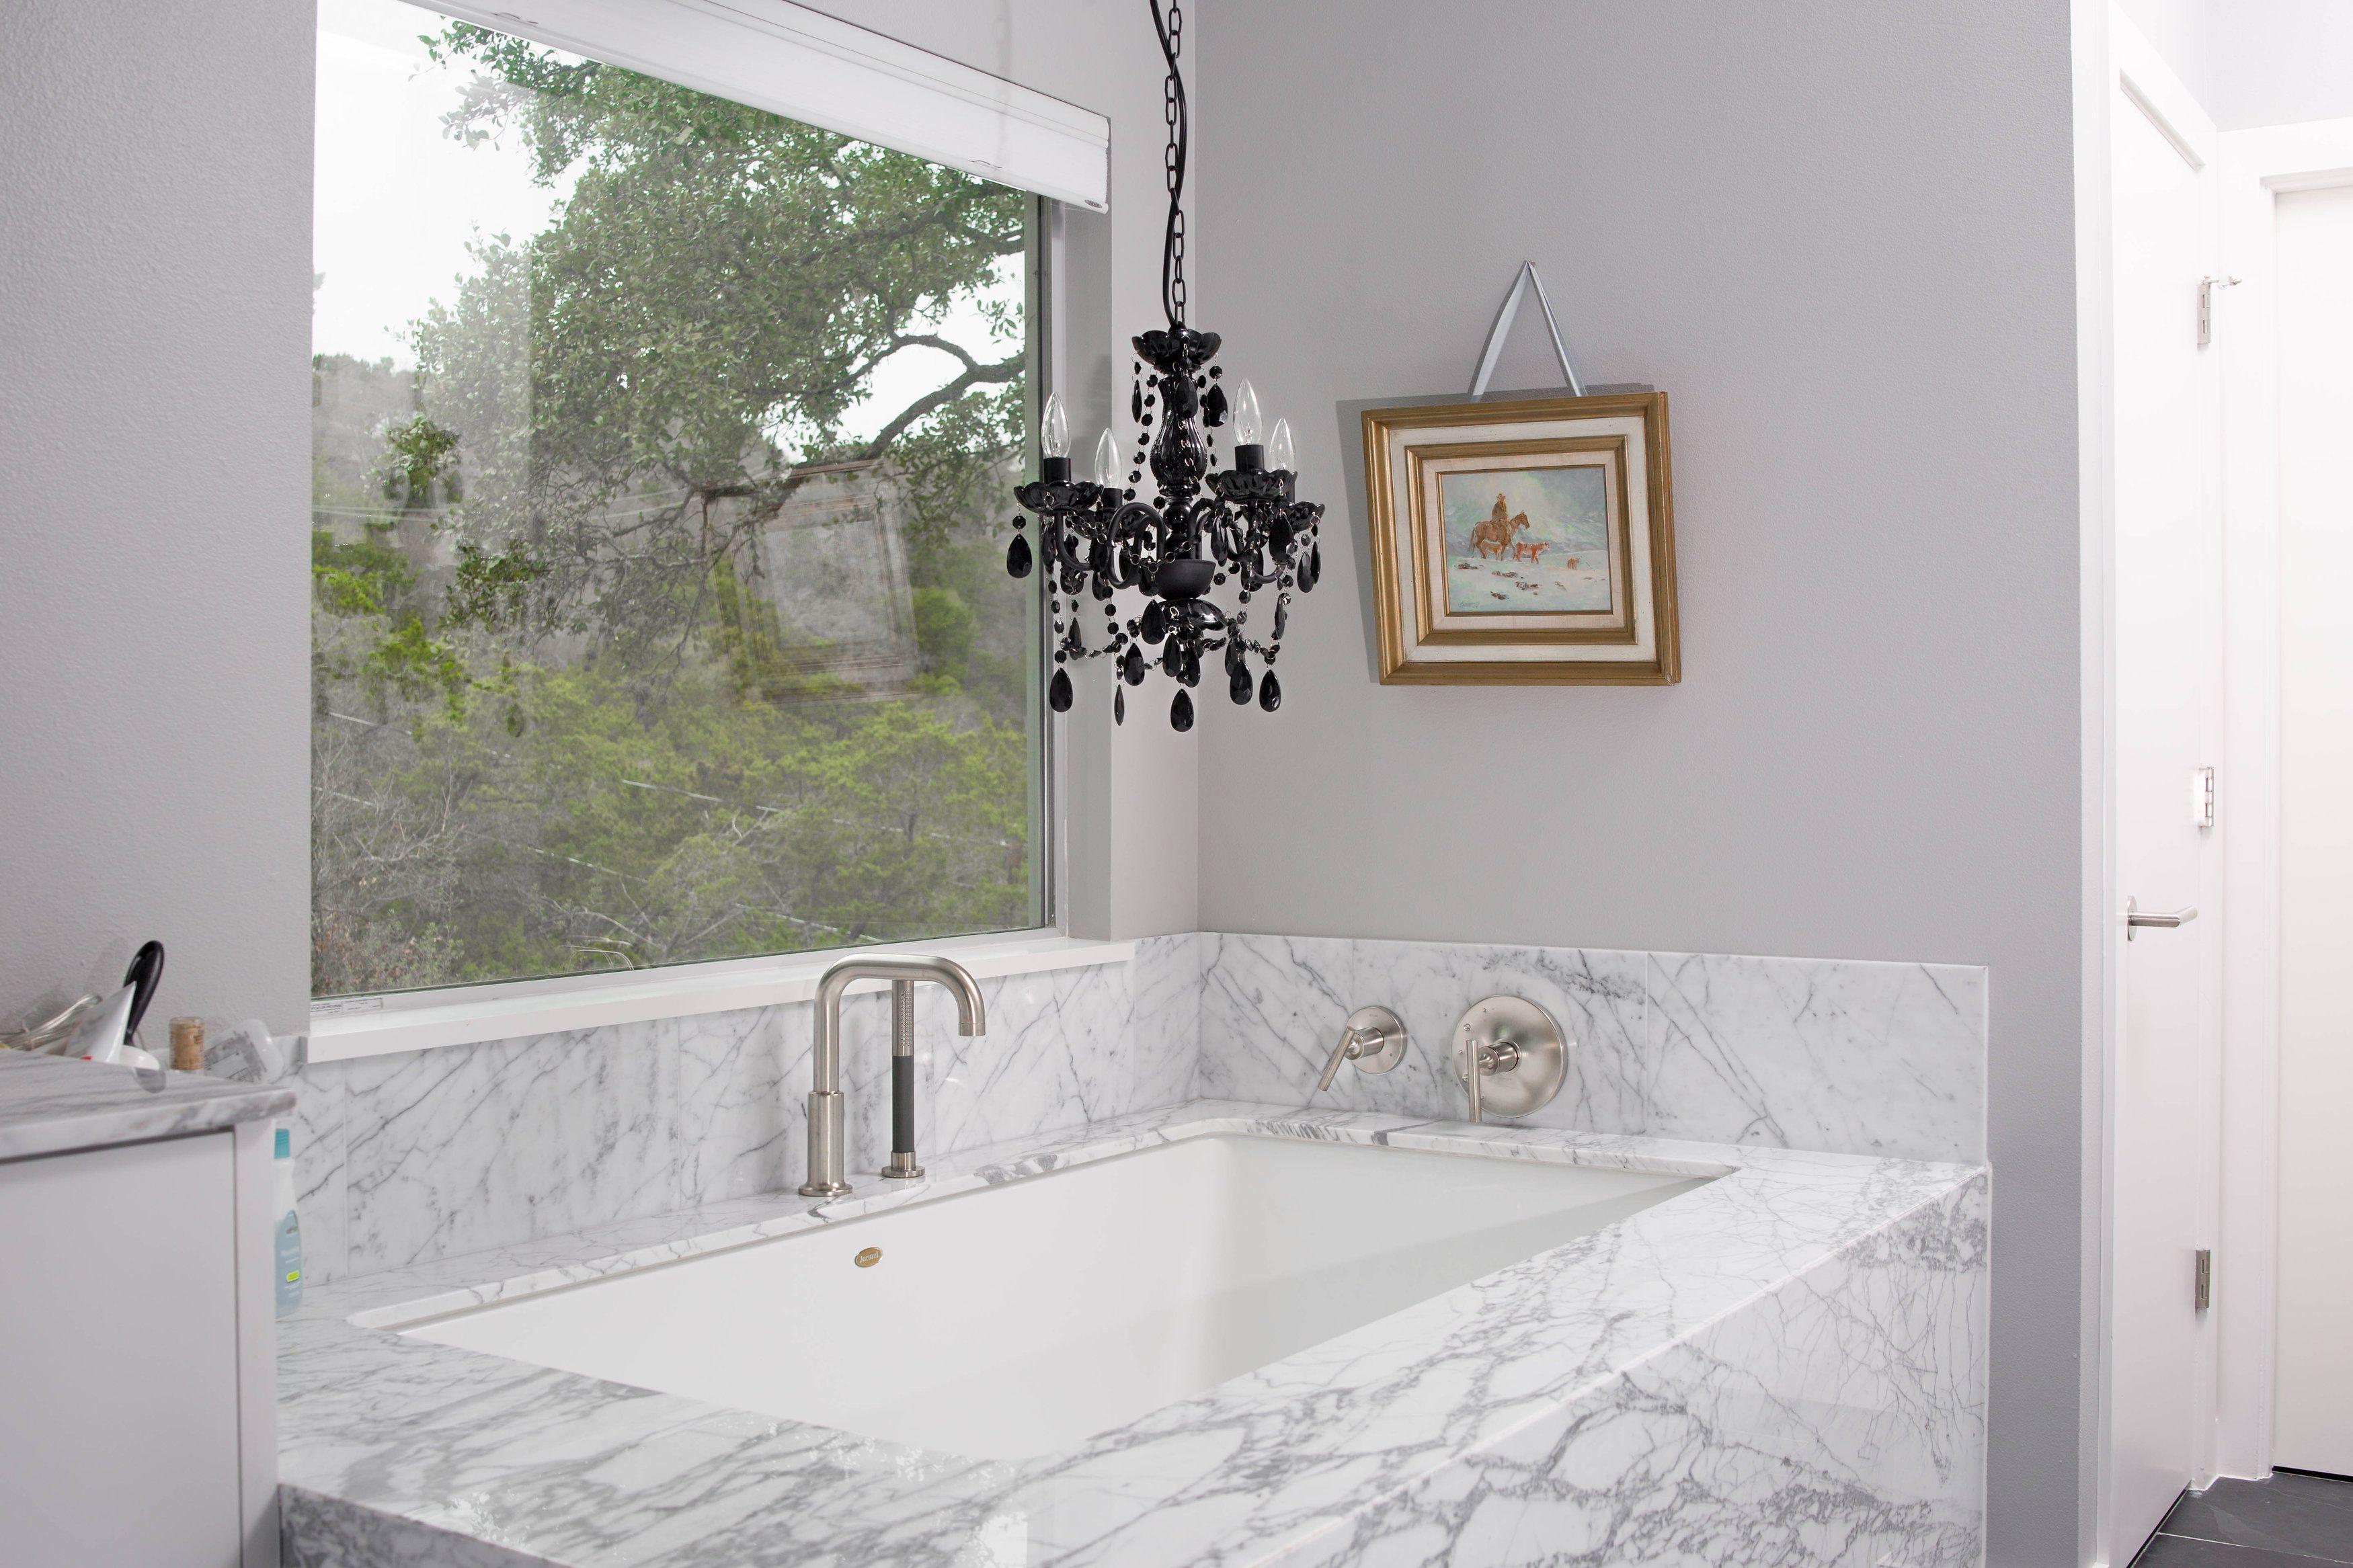 Bathtub Ambiance With A Small Black Gypsy Color Crystal